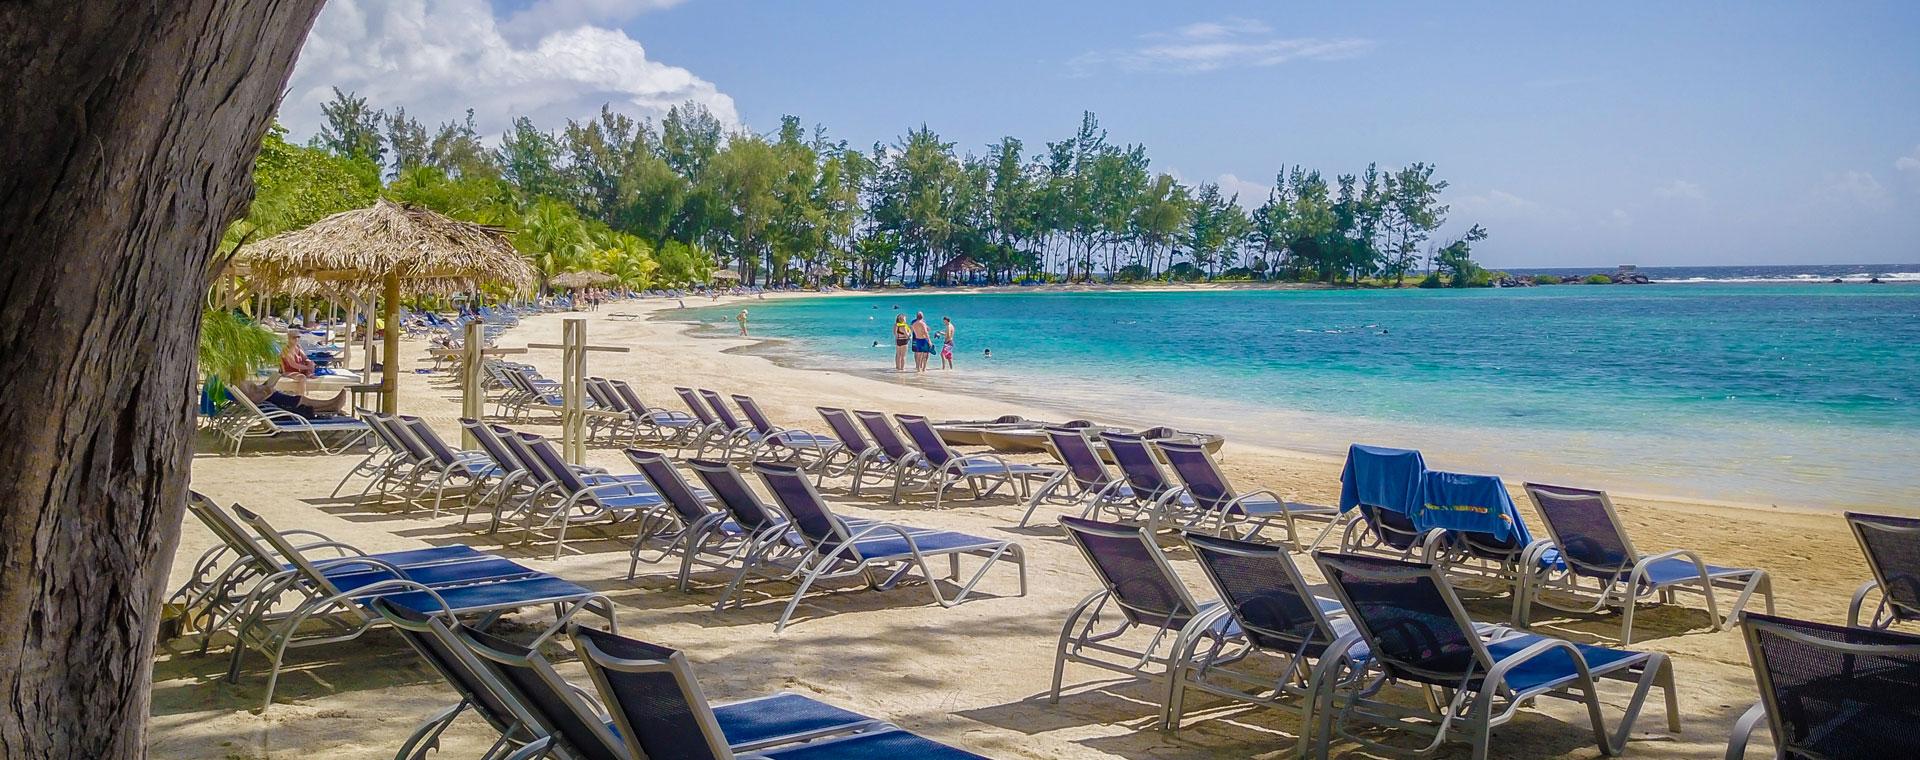 Roatan Wonderland Tours Fantasy Island Beach